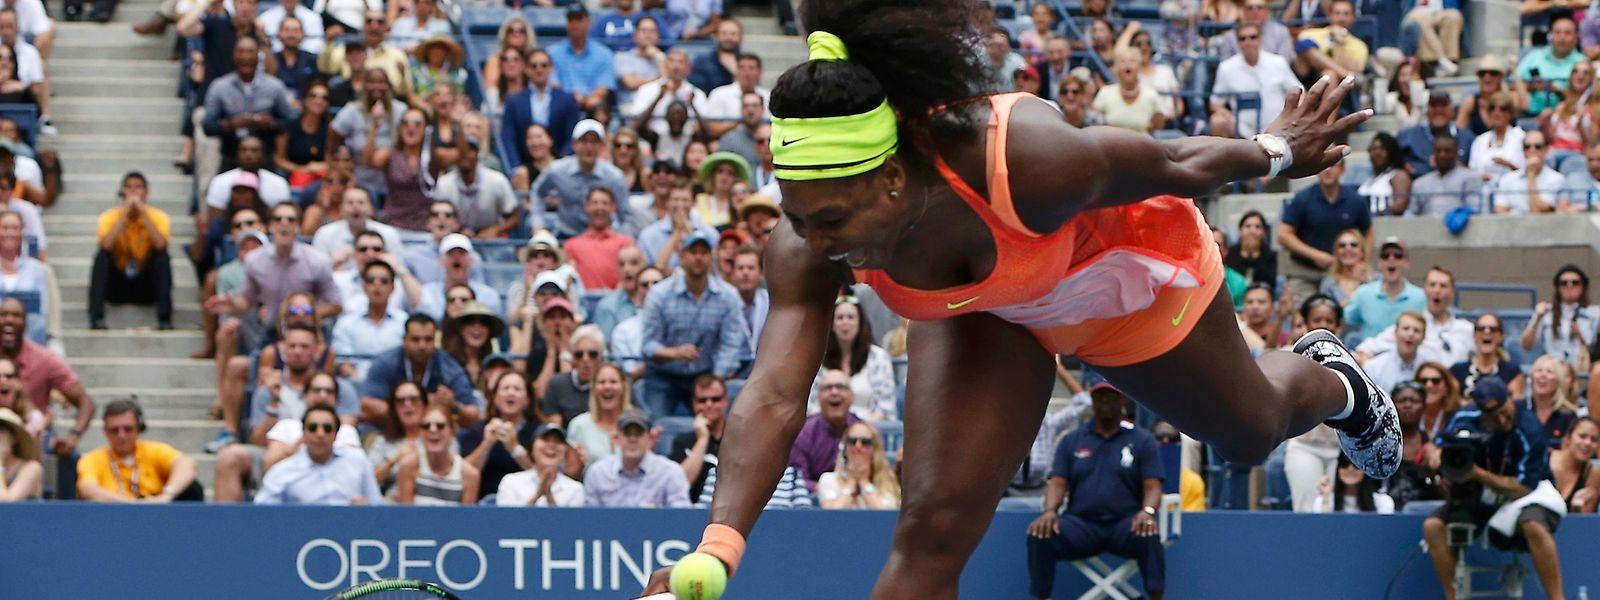 Vorzeitiges Saisonende: Serena Williams zieht nach dem Aus im Halbfinale der US Open (Foto) die Konsequenzen.